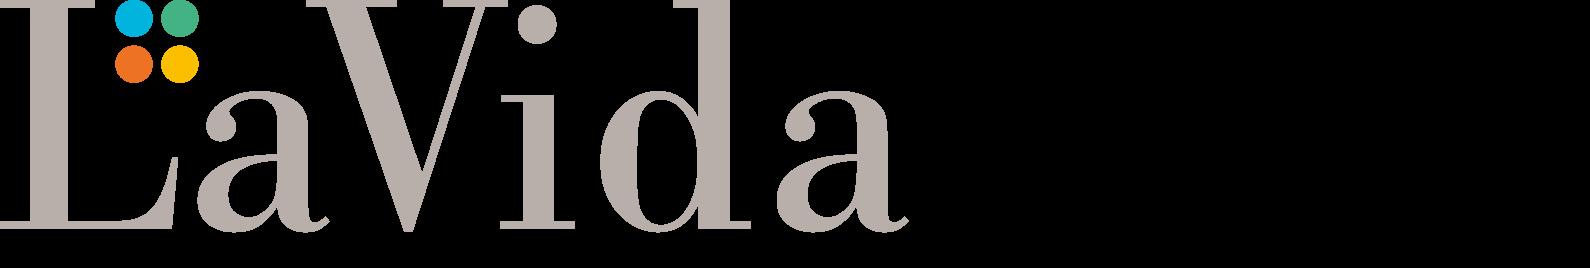 LaVida Curacao logo